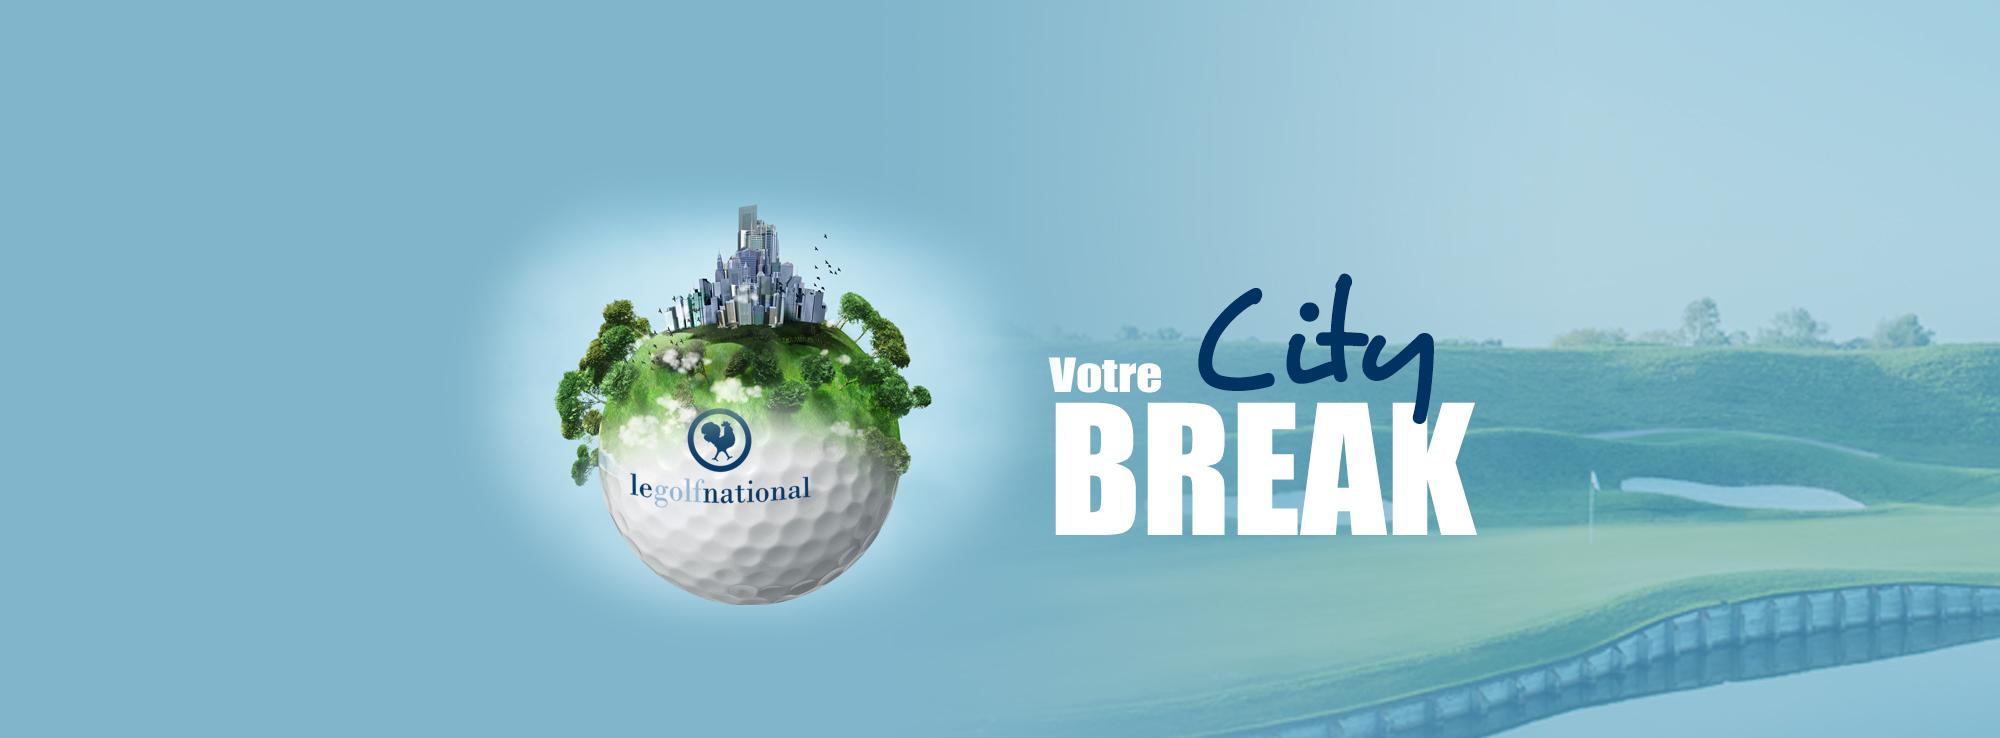 City Break